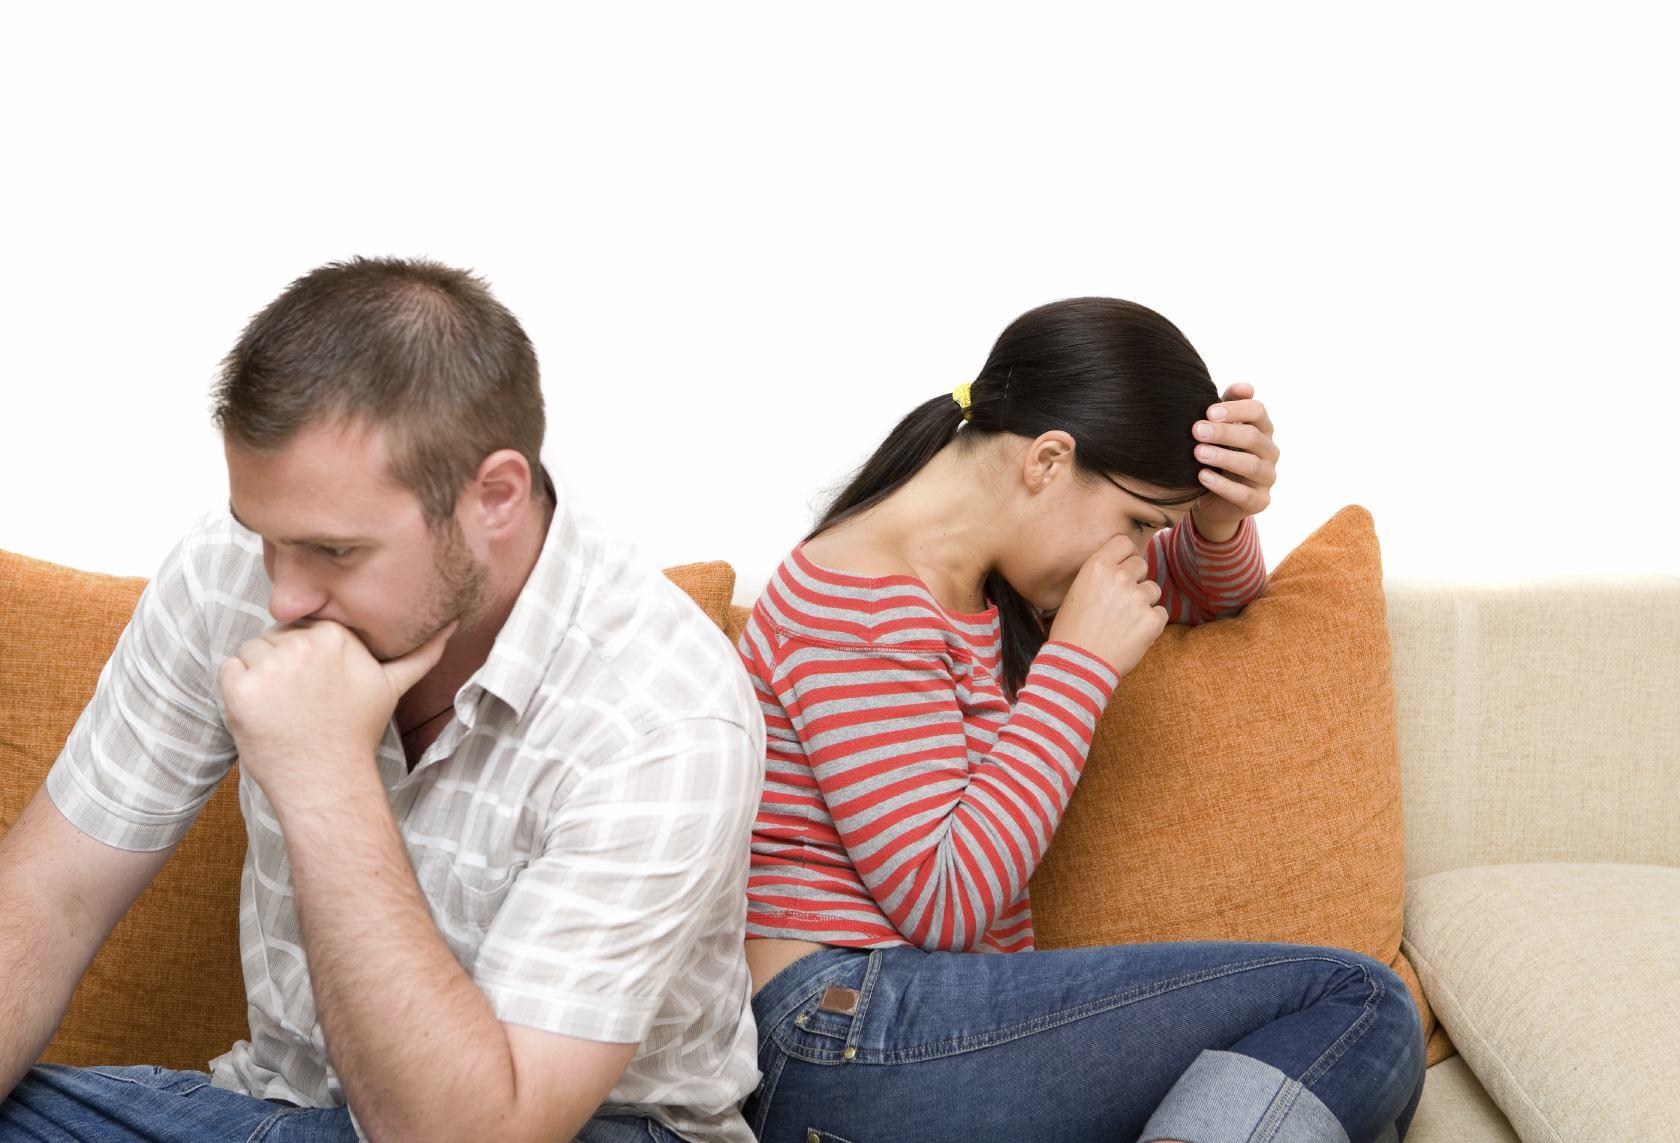 couples-arguing.jpg